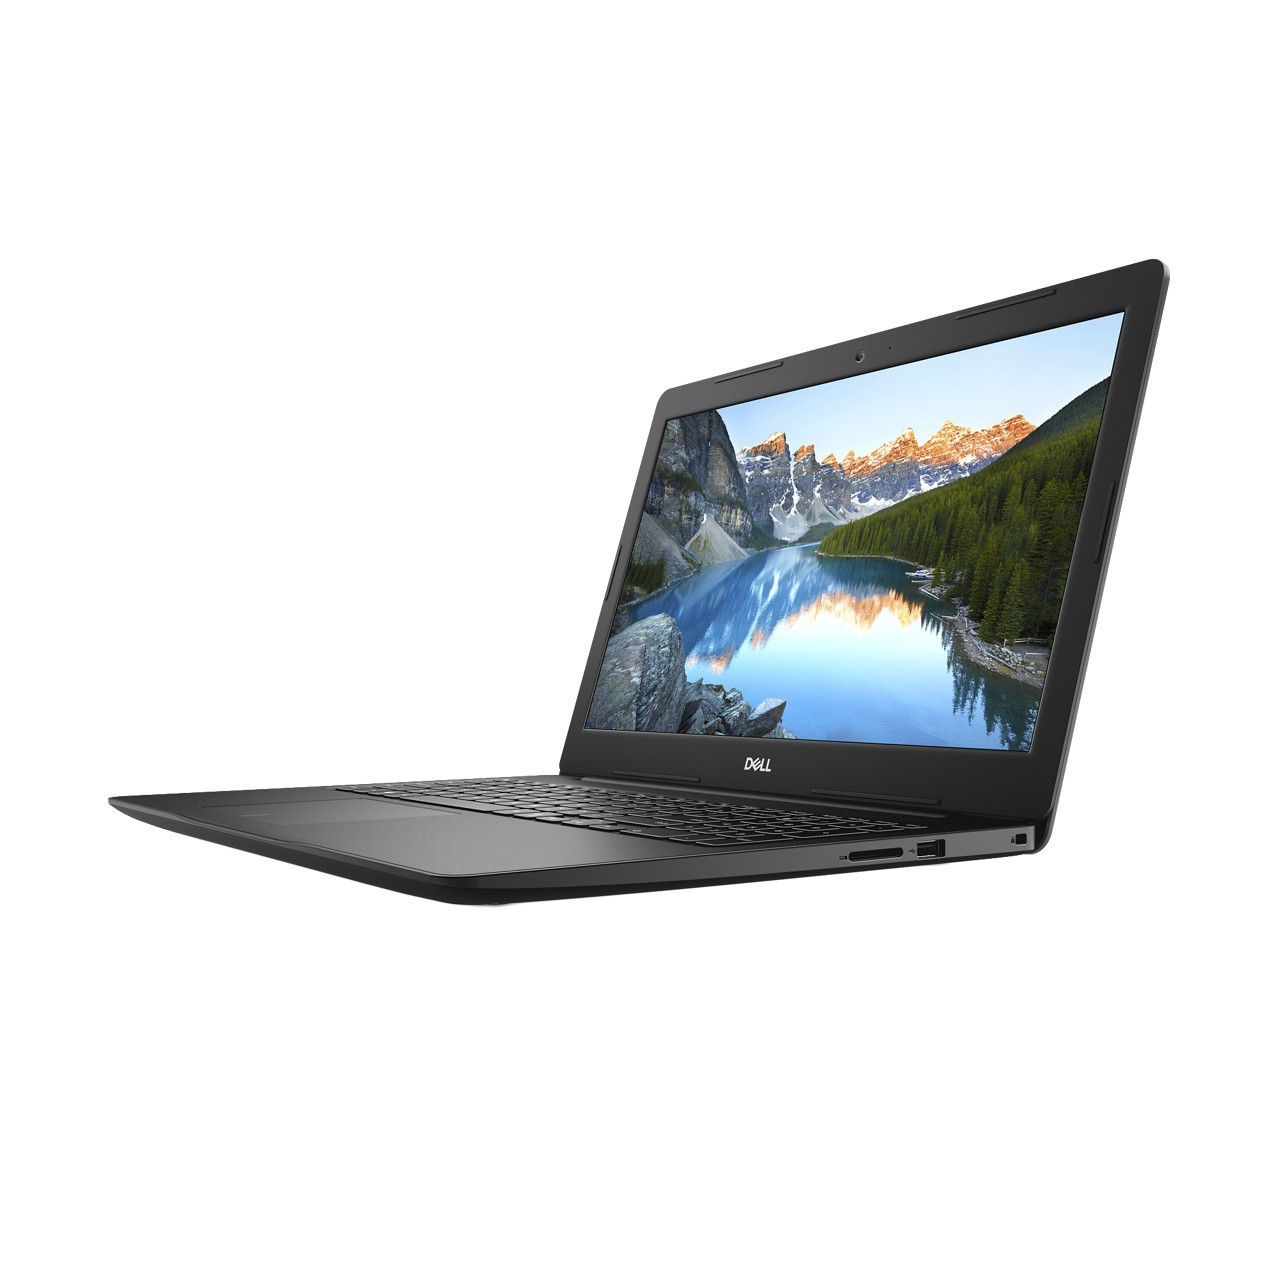 Notebook Dell Inspiron 3584 Core I3 8130u Memoria 4gb Ssd 256gb Tela 15.6' Led Hd Windows 10 Home